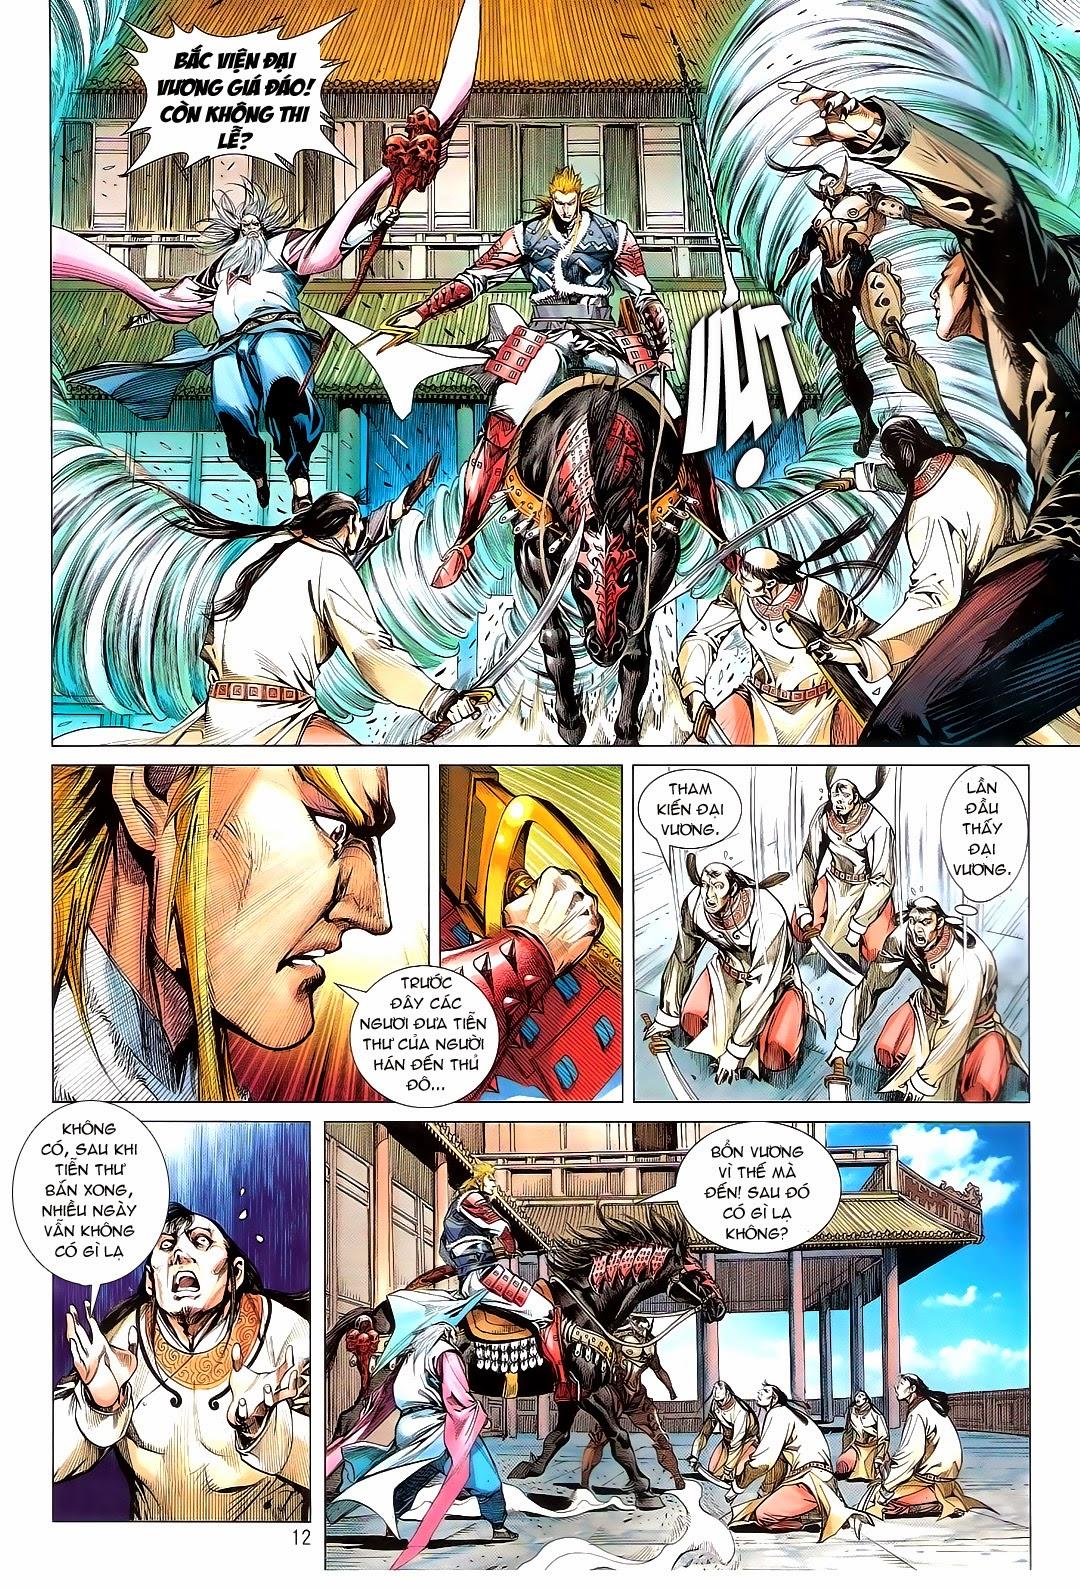 tuoithodudoi.com Thiết Tướng Tung Hoành Chapter 110 - 12.jpg